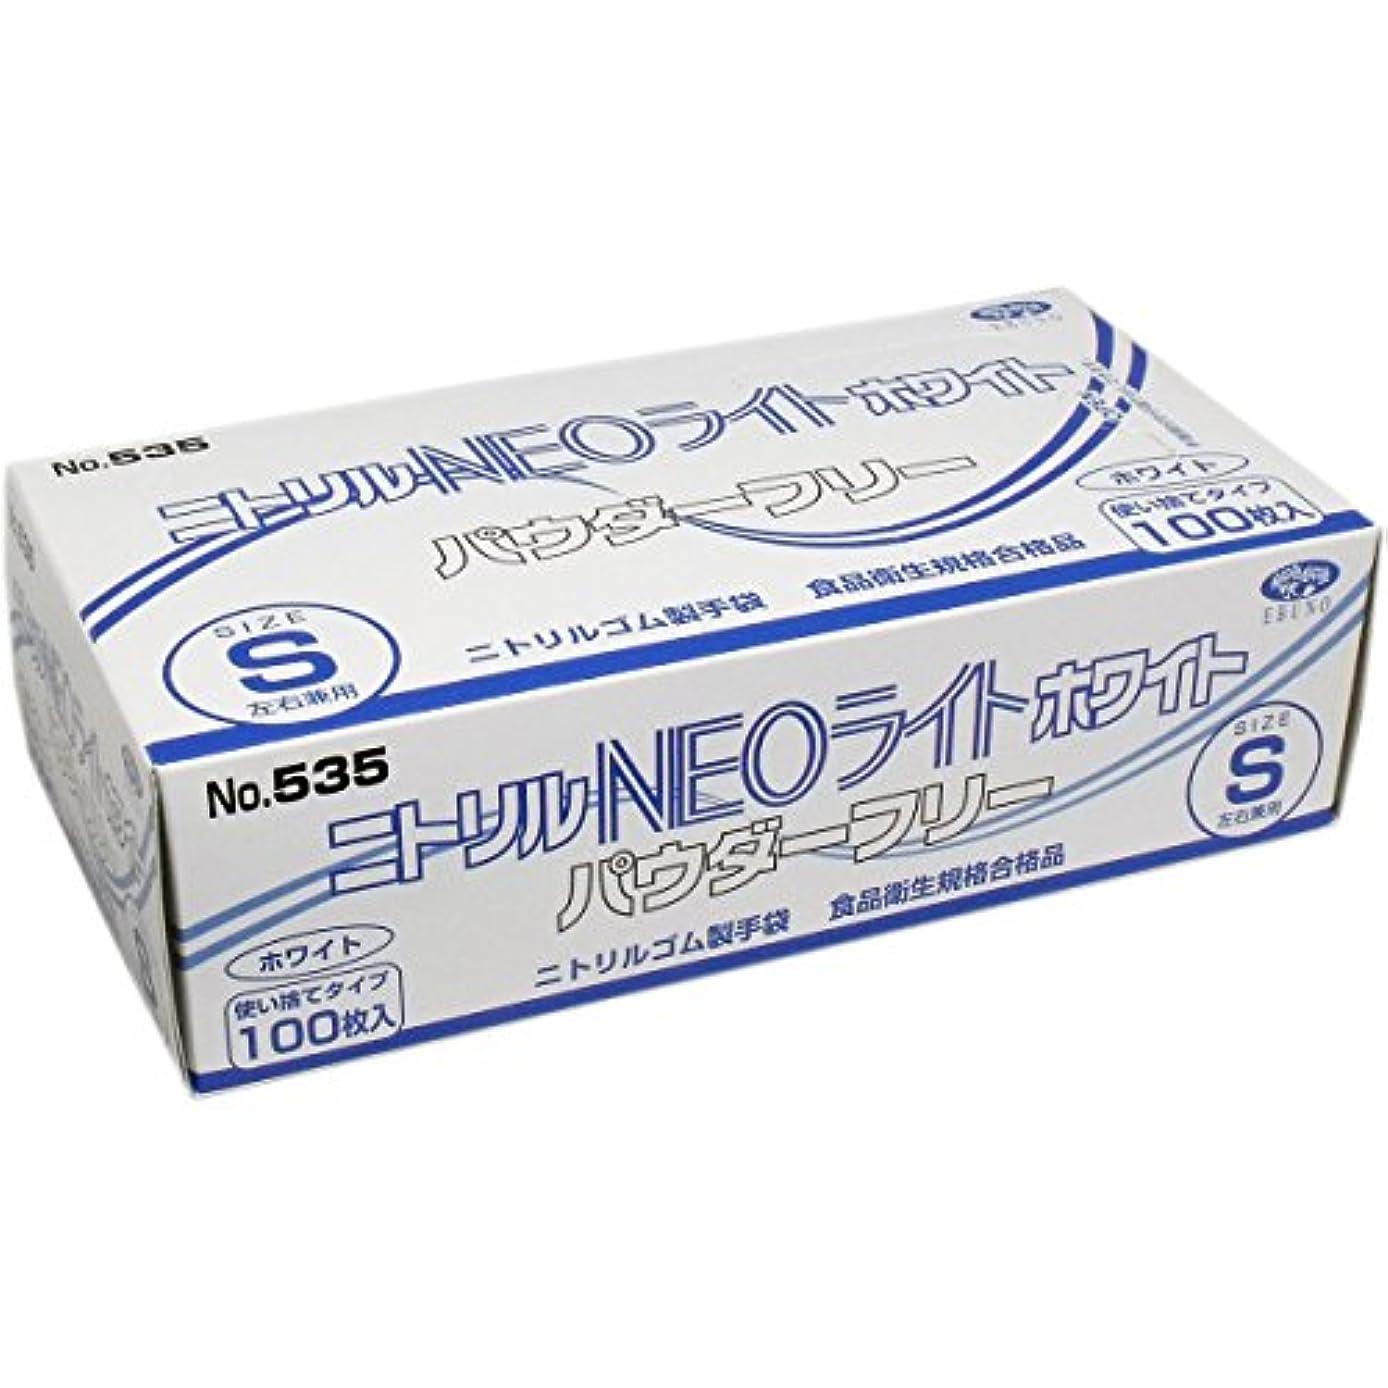 蛇行オープナー息切れニトリル手袋 NEOライト パウダーフリー ホワイト Sサイズ 100枚入×2個セット